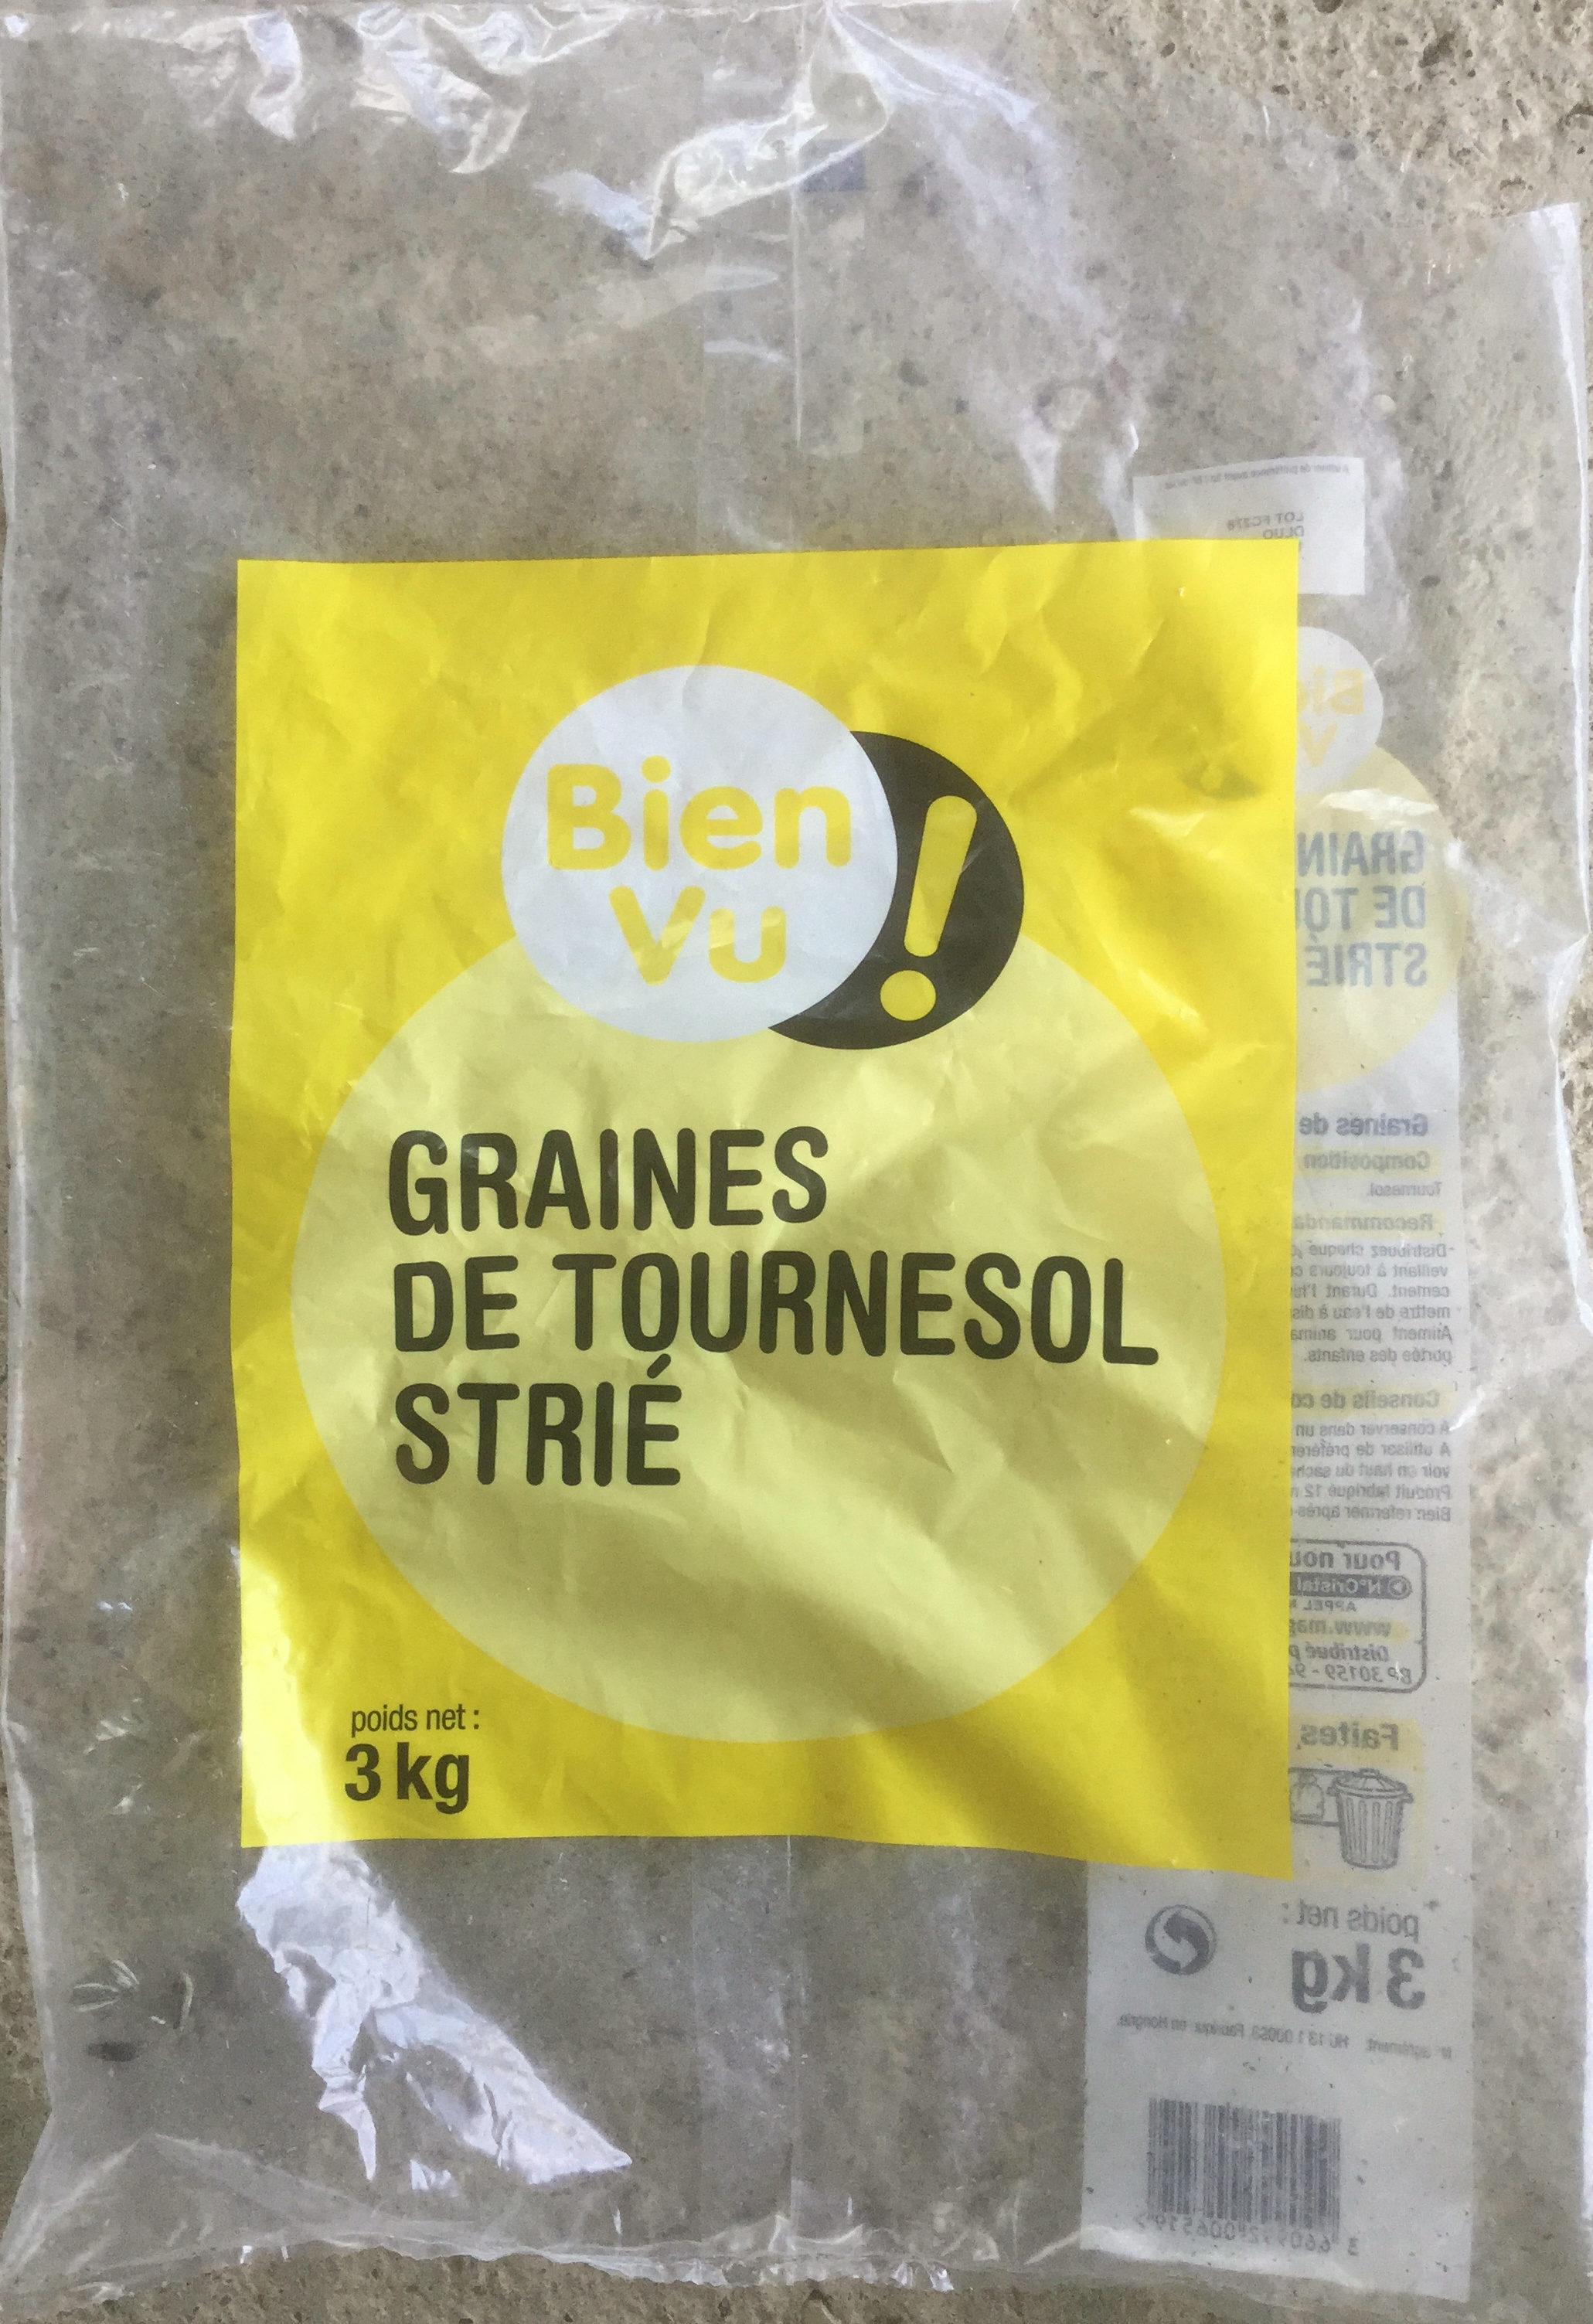 Graines de tournesol strié - Product - fr